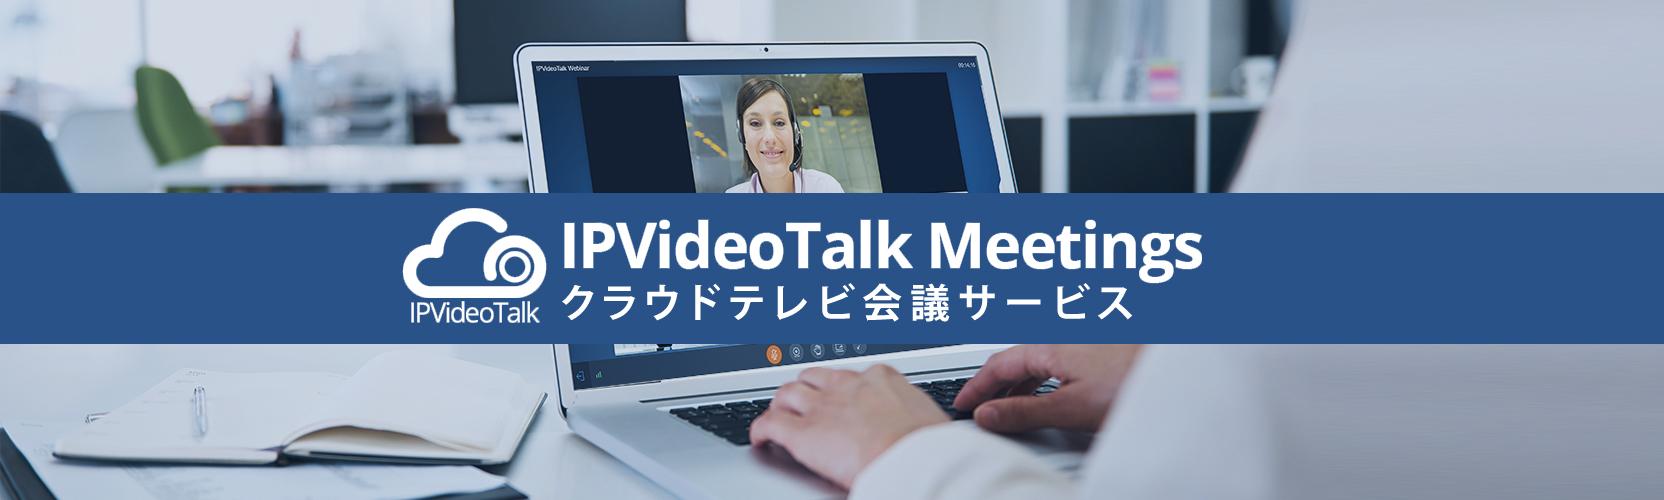 クラウドテレビ会議サービス-IPVideoTalk Meetings-